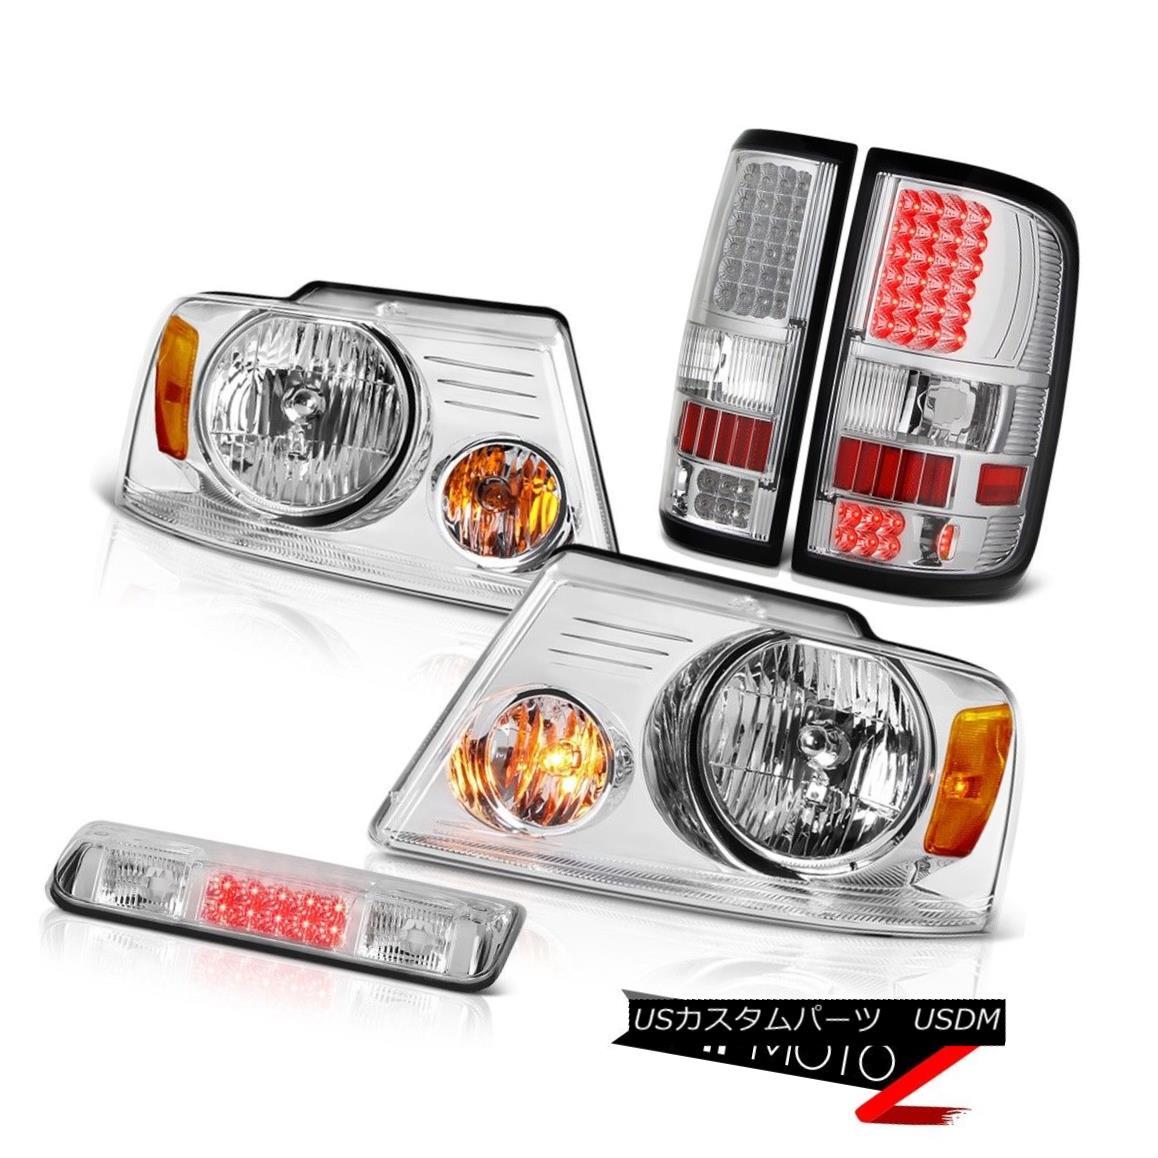 テールライト 04-08 Ford F150 Lariat 3rd Brake Light Headlamps Tail Lights LED